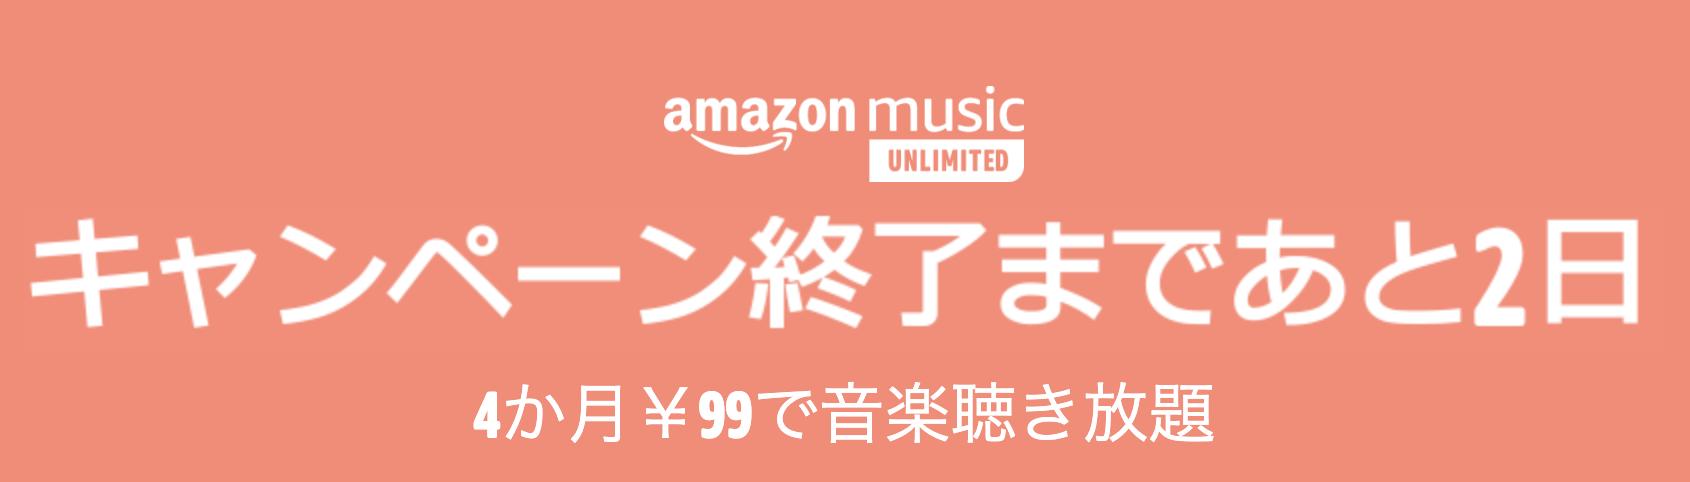 プライムデー2020 Amazonミュージック